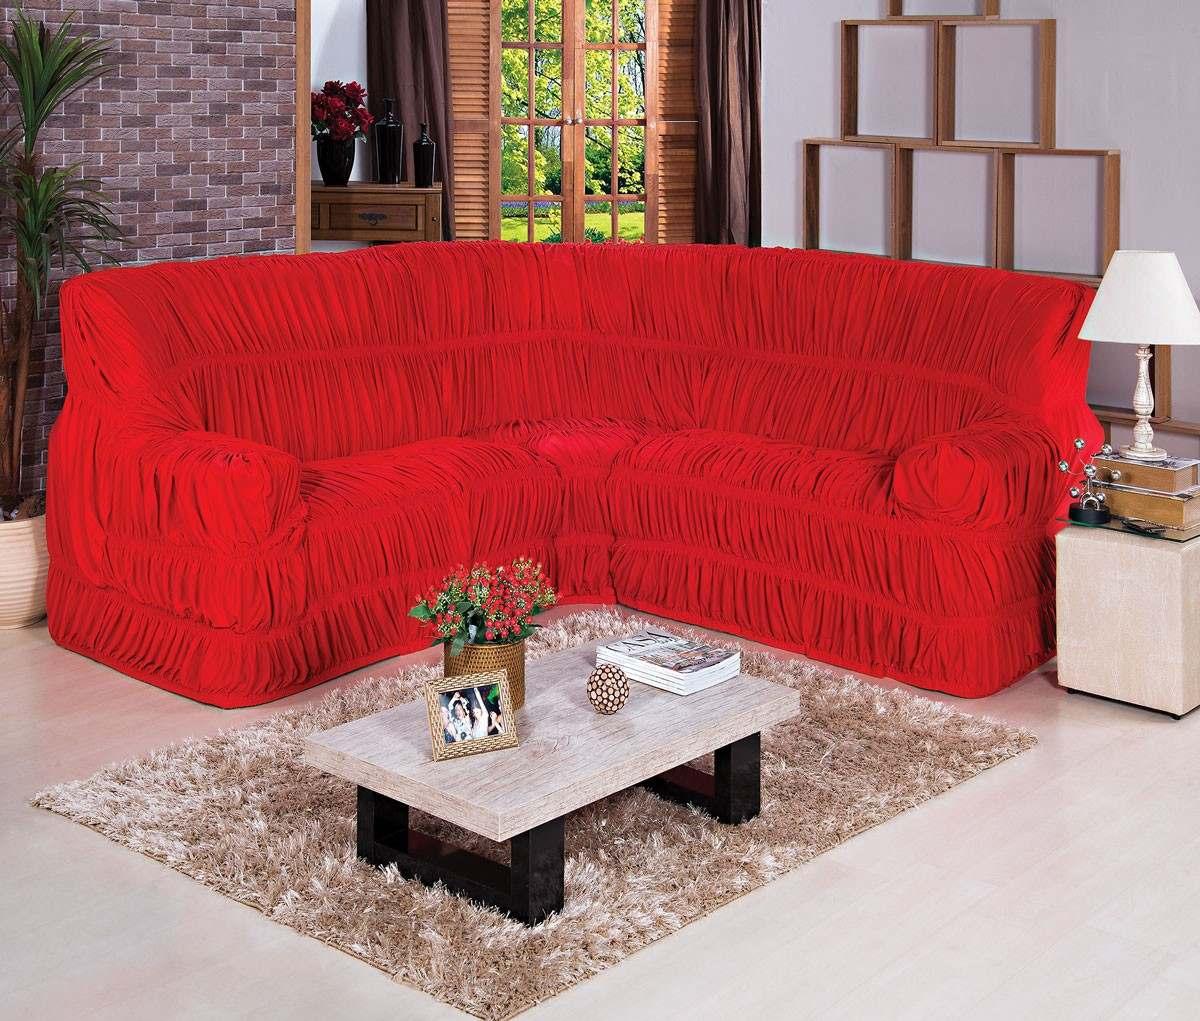 Capa de sof de canto at 6 lugares vermelha r 104 90 for Sofa 6 lugares de canto